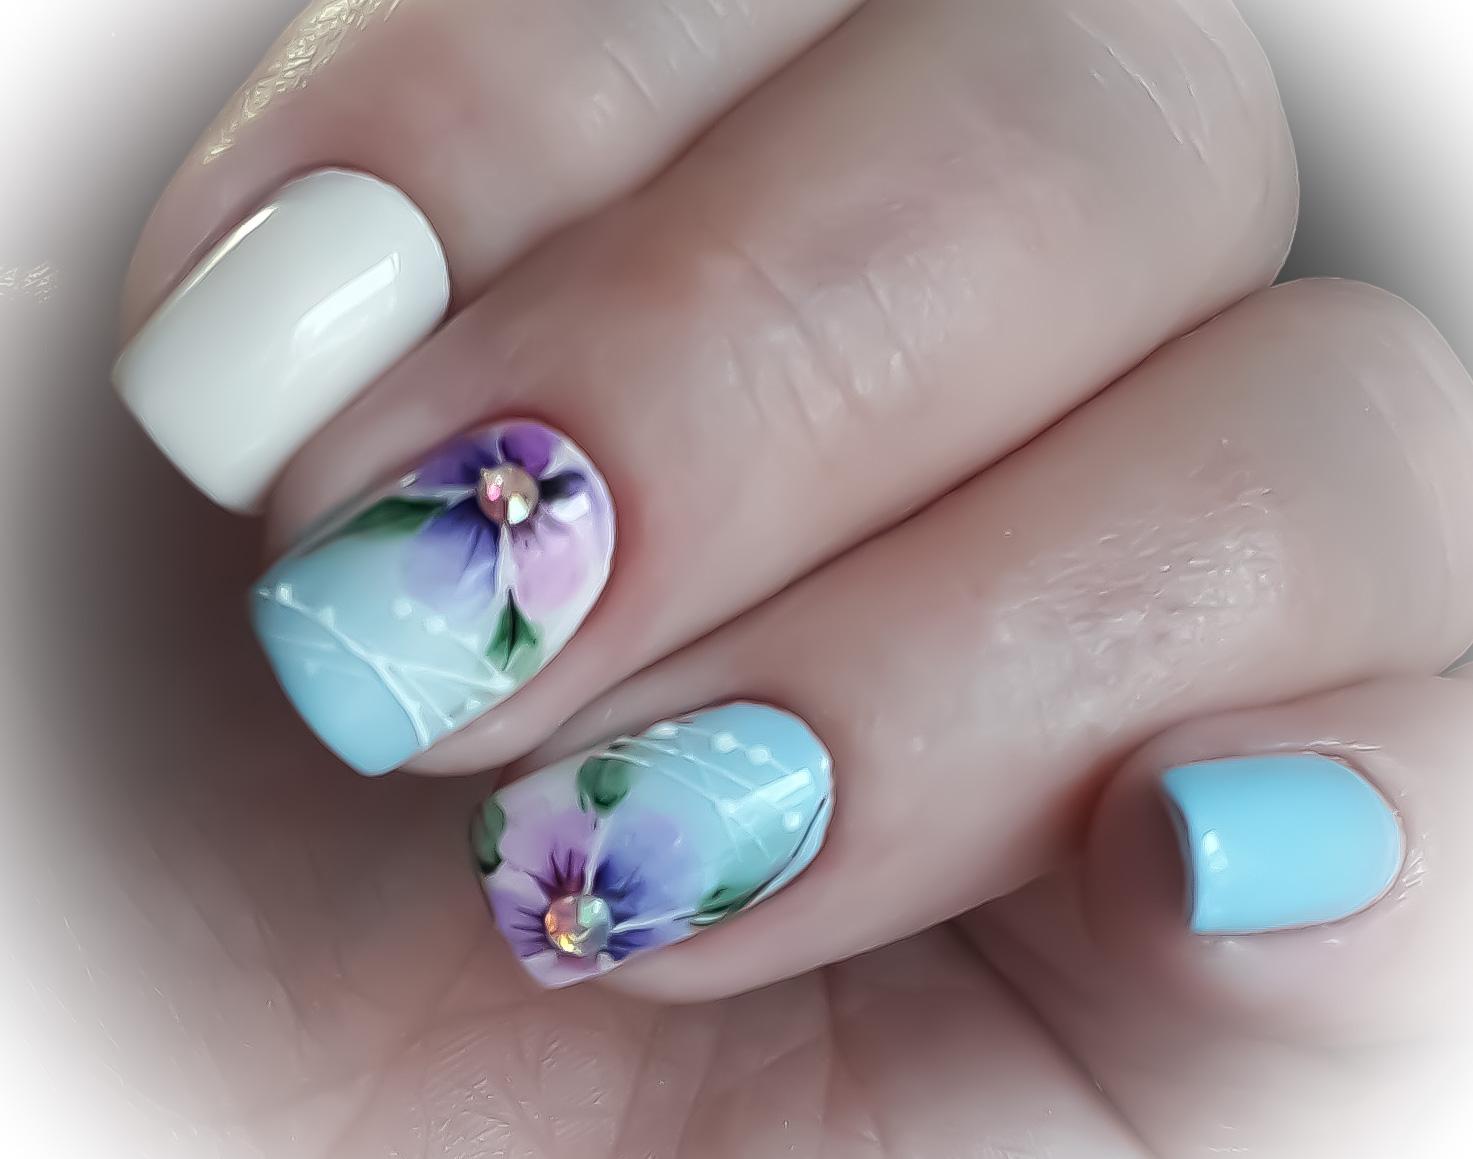 Маникюр с акварельным цветочным рисунком и стразами в голубом цвете.